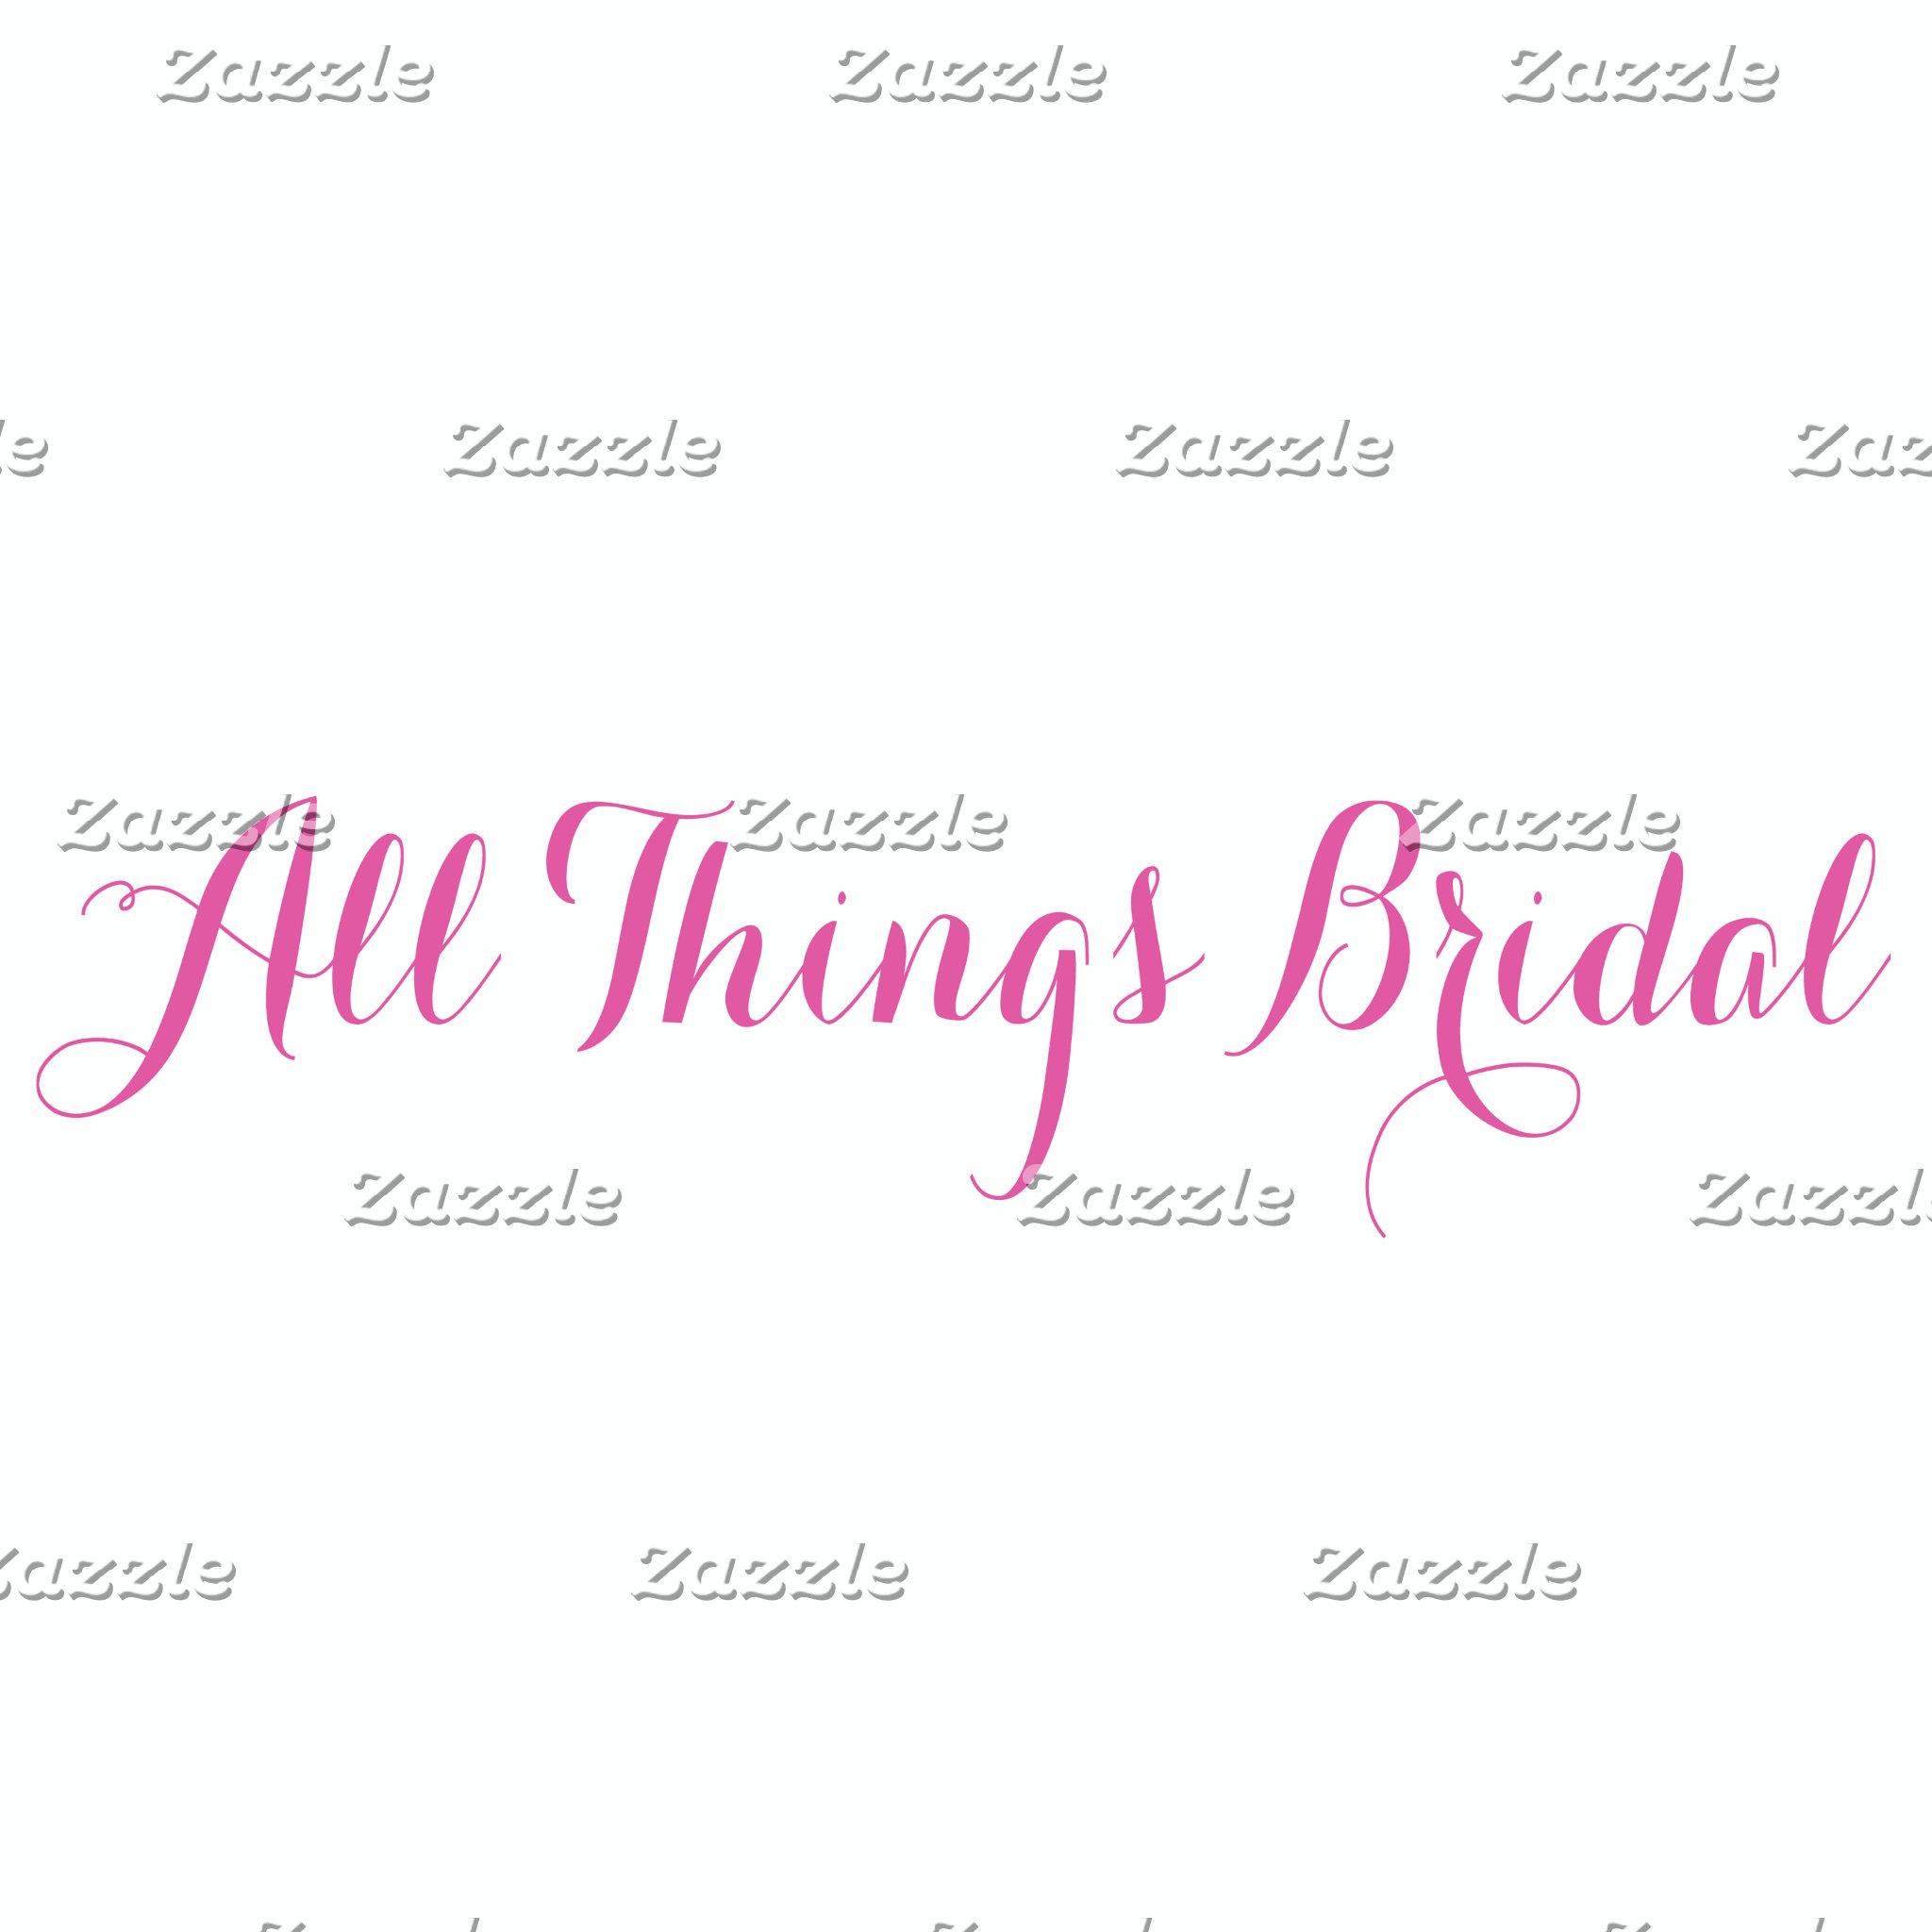 All things Bridal